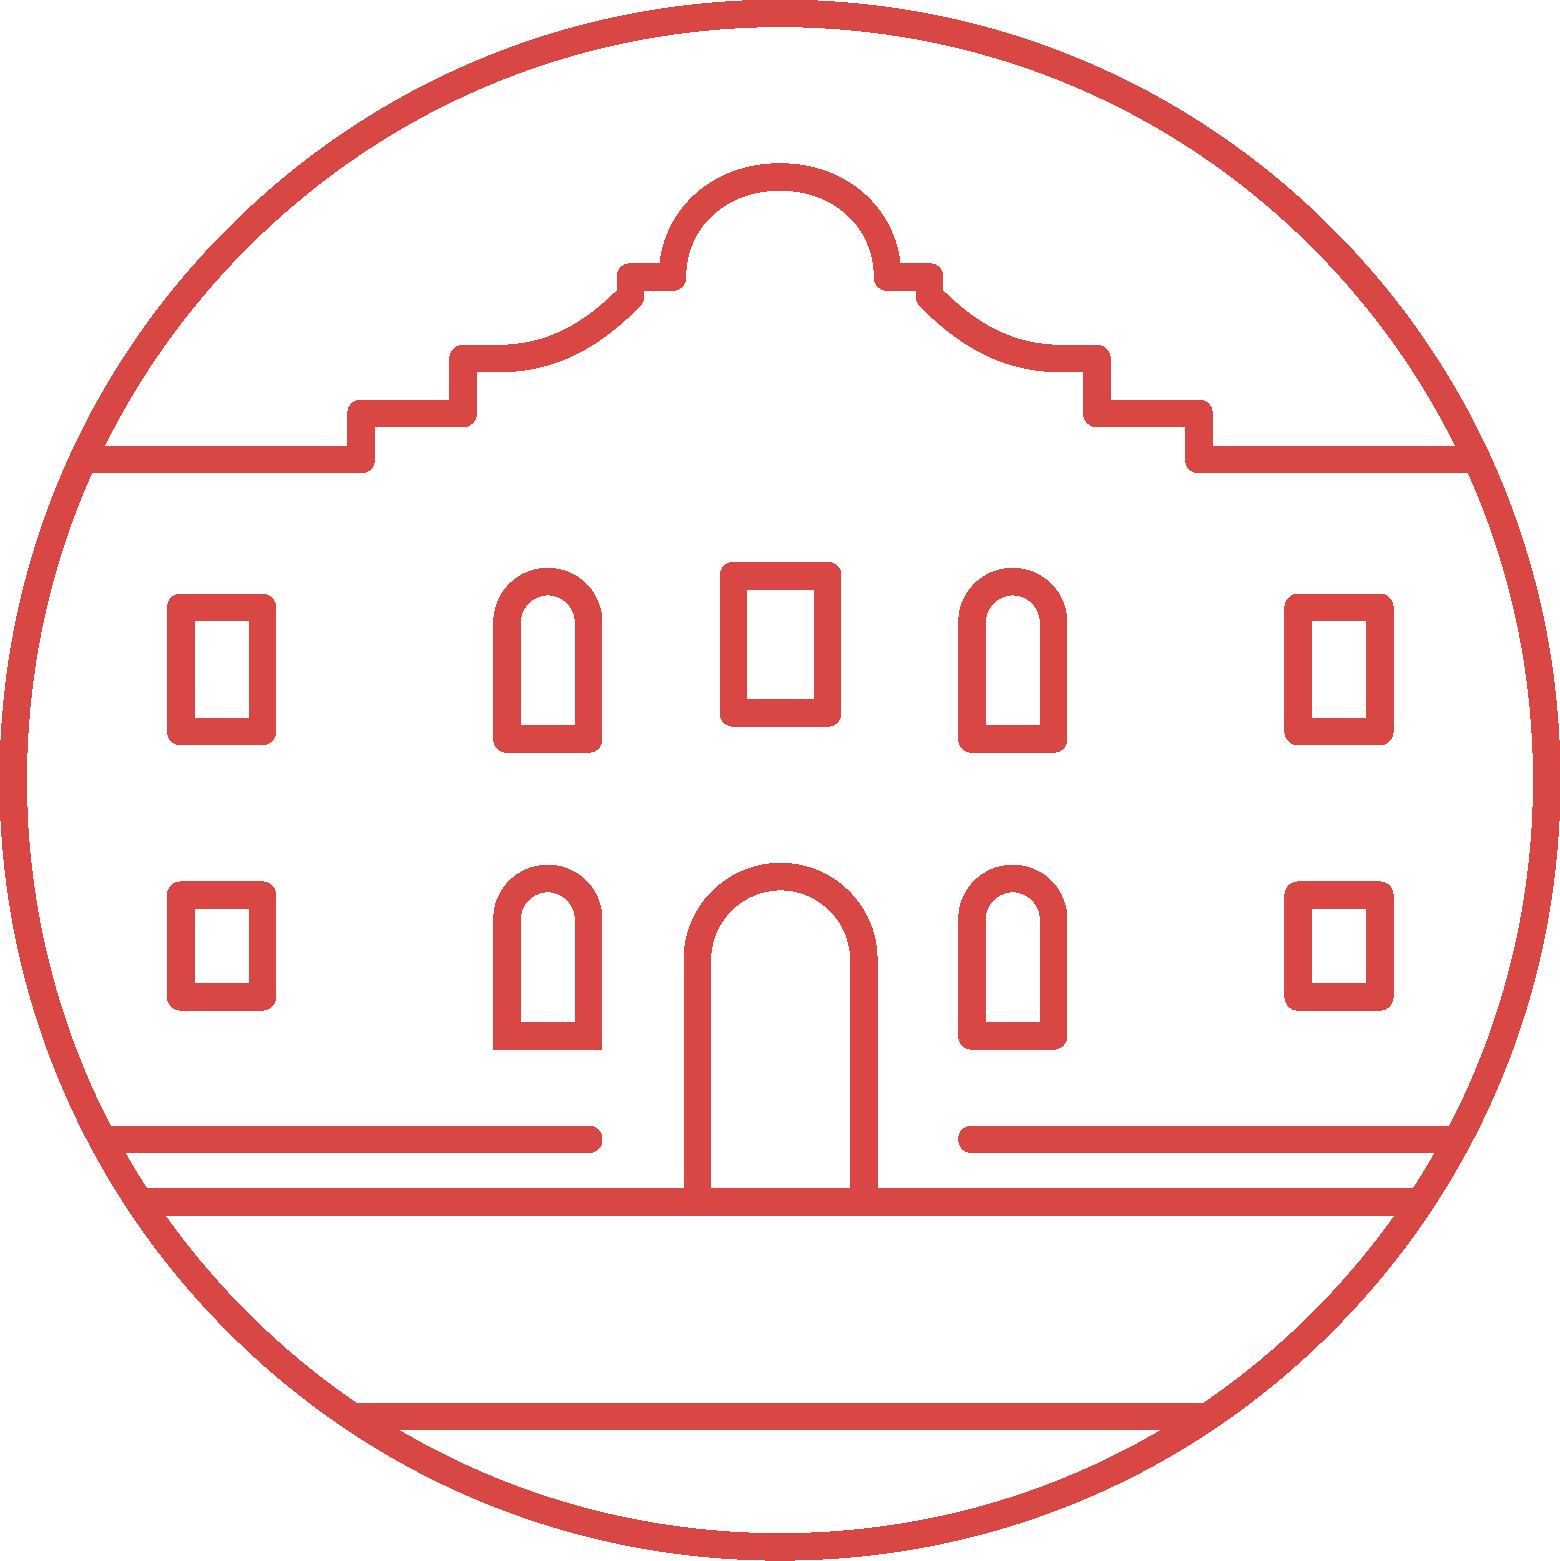 San Antonio icon